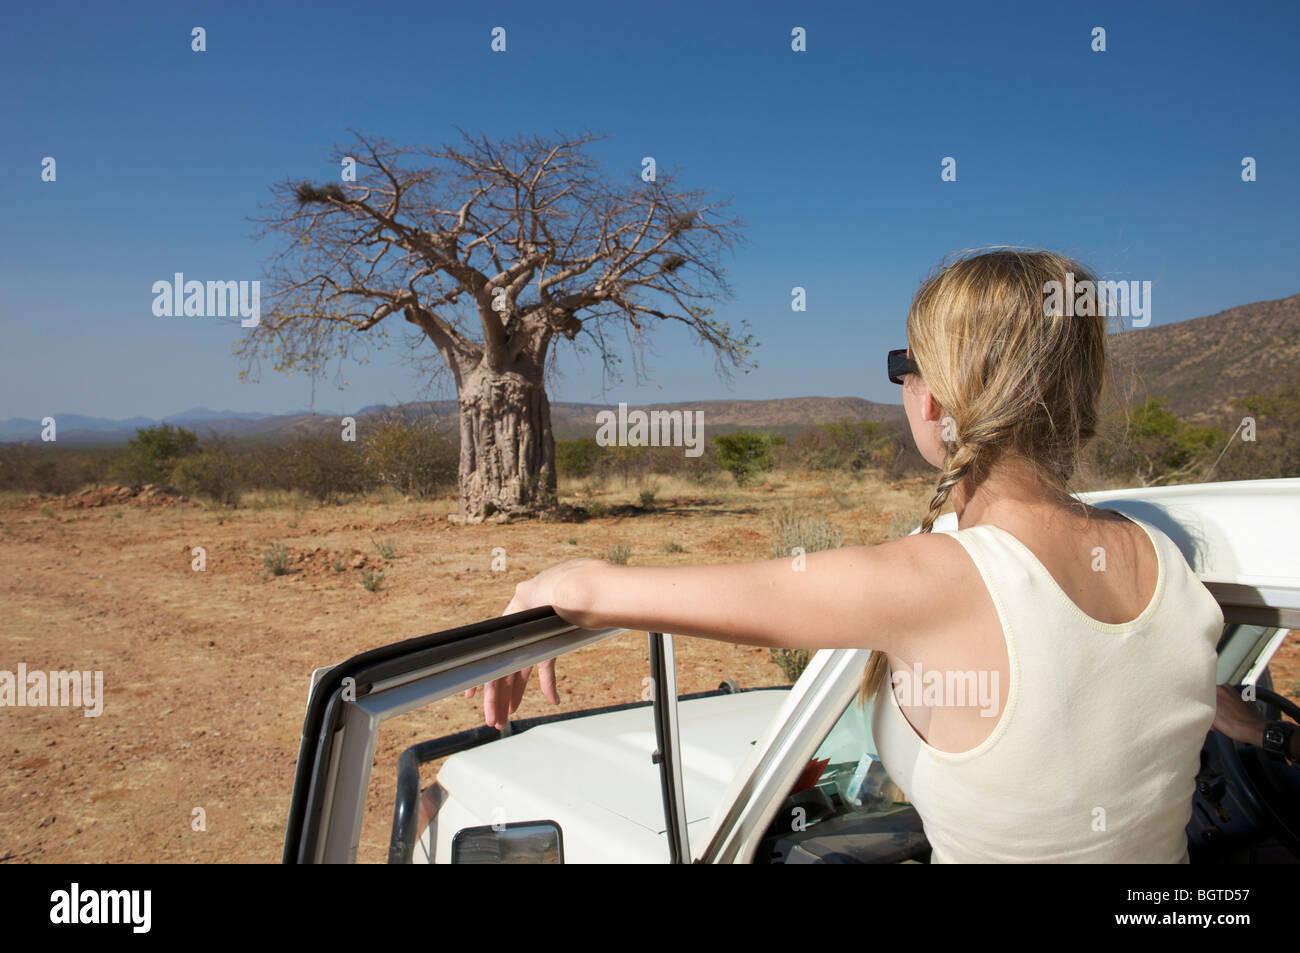 Young woman next to motor vehicle looking at Baobab tree, Epupa Falls area, Kaokoland, Namibia - Stock Image